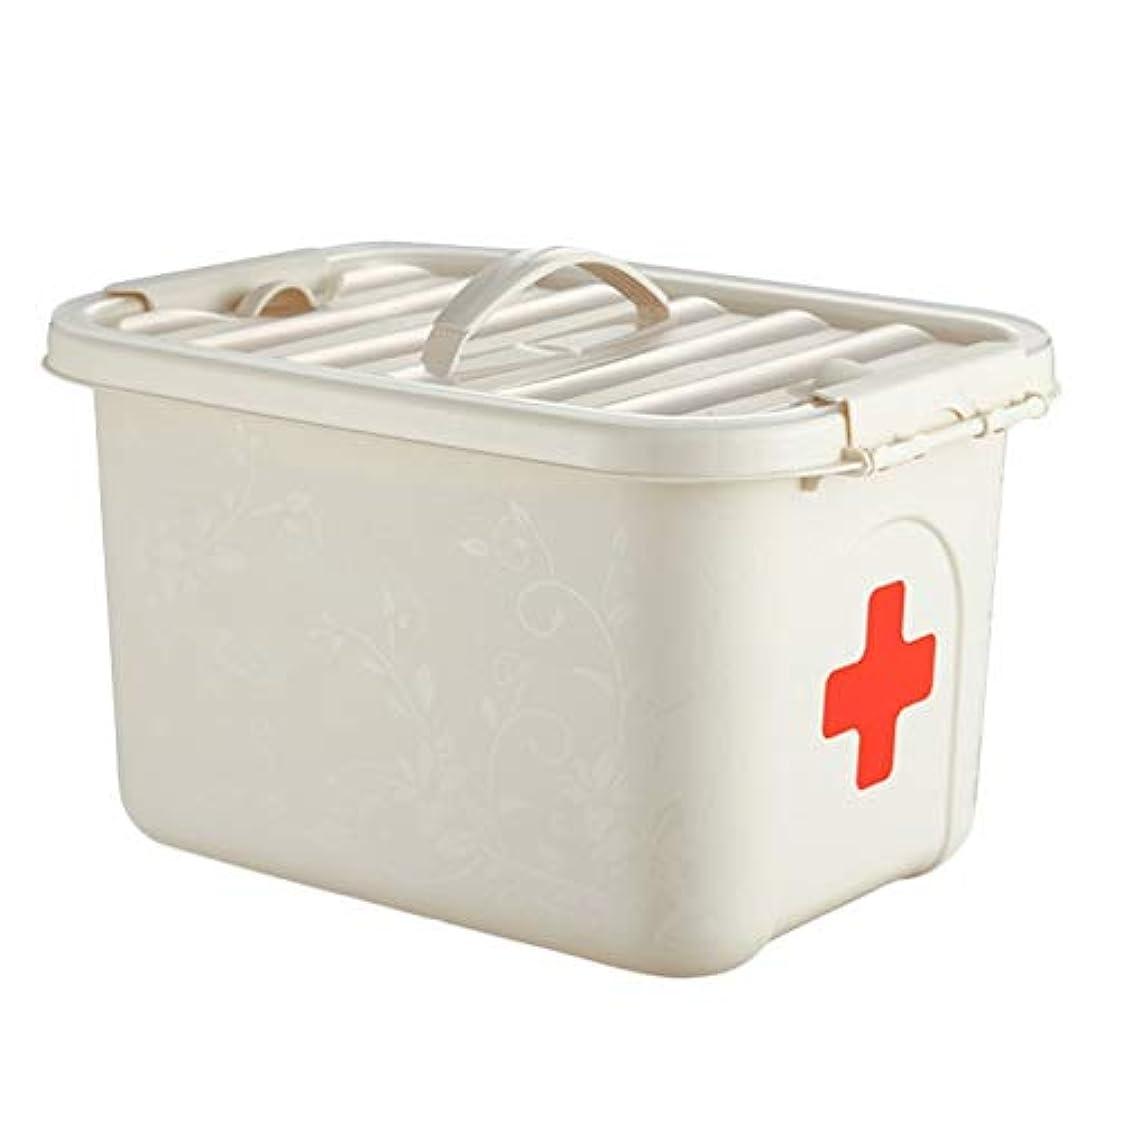 粒モンキーアルプスKTYXDE ピルボックス薬収納ボックスPP家庭用薬箱28x20.5x16.5cm 薬収納ボックス (Color : White, Size : With compartments)